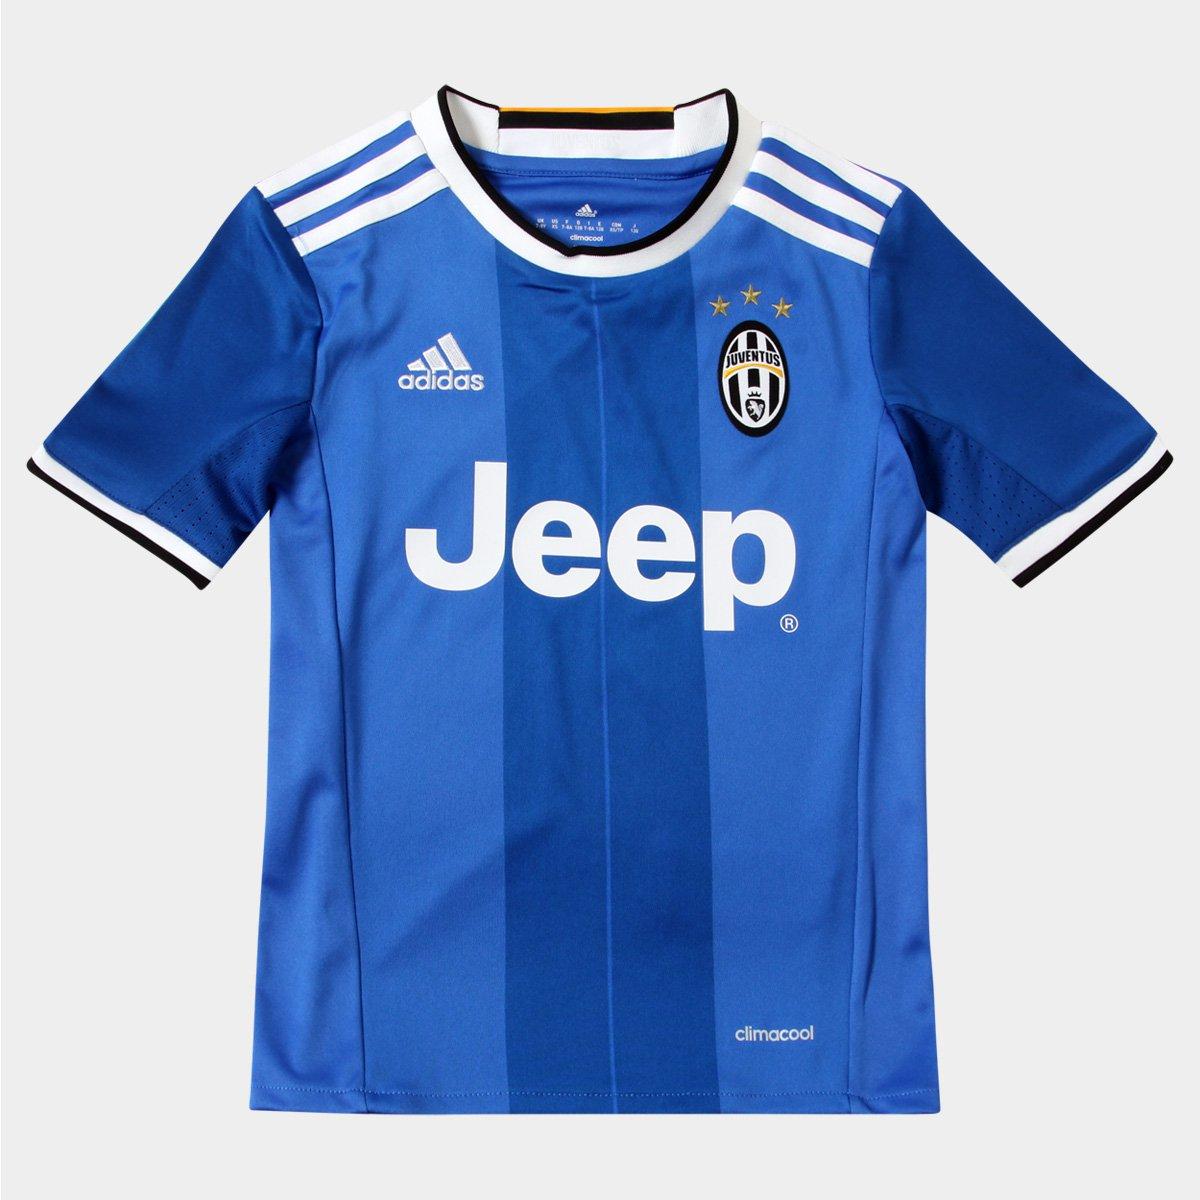 Camisa Juventus Infantil Away 16 17 s nº - Torcedor Adidas - Compre Agora  4979bb4c85833